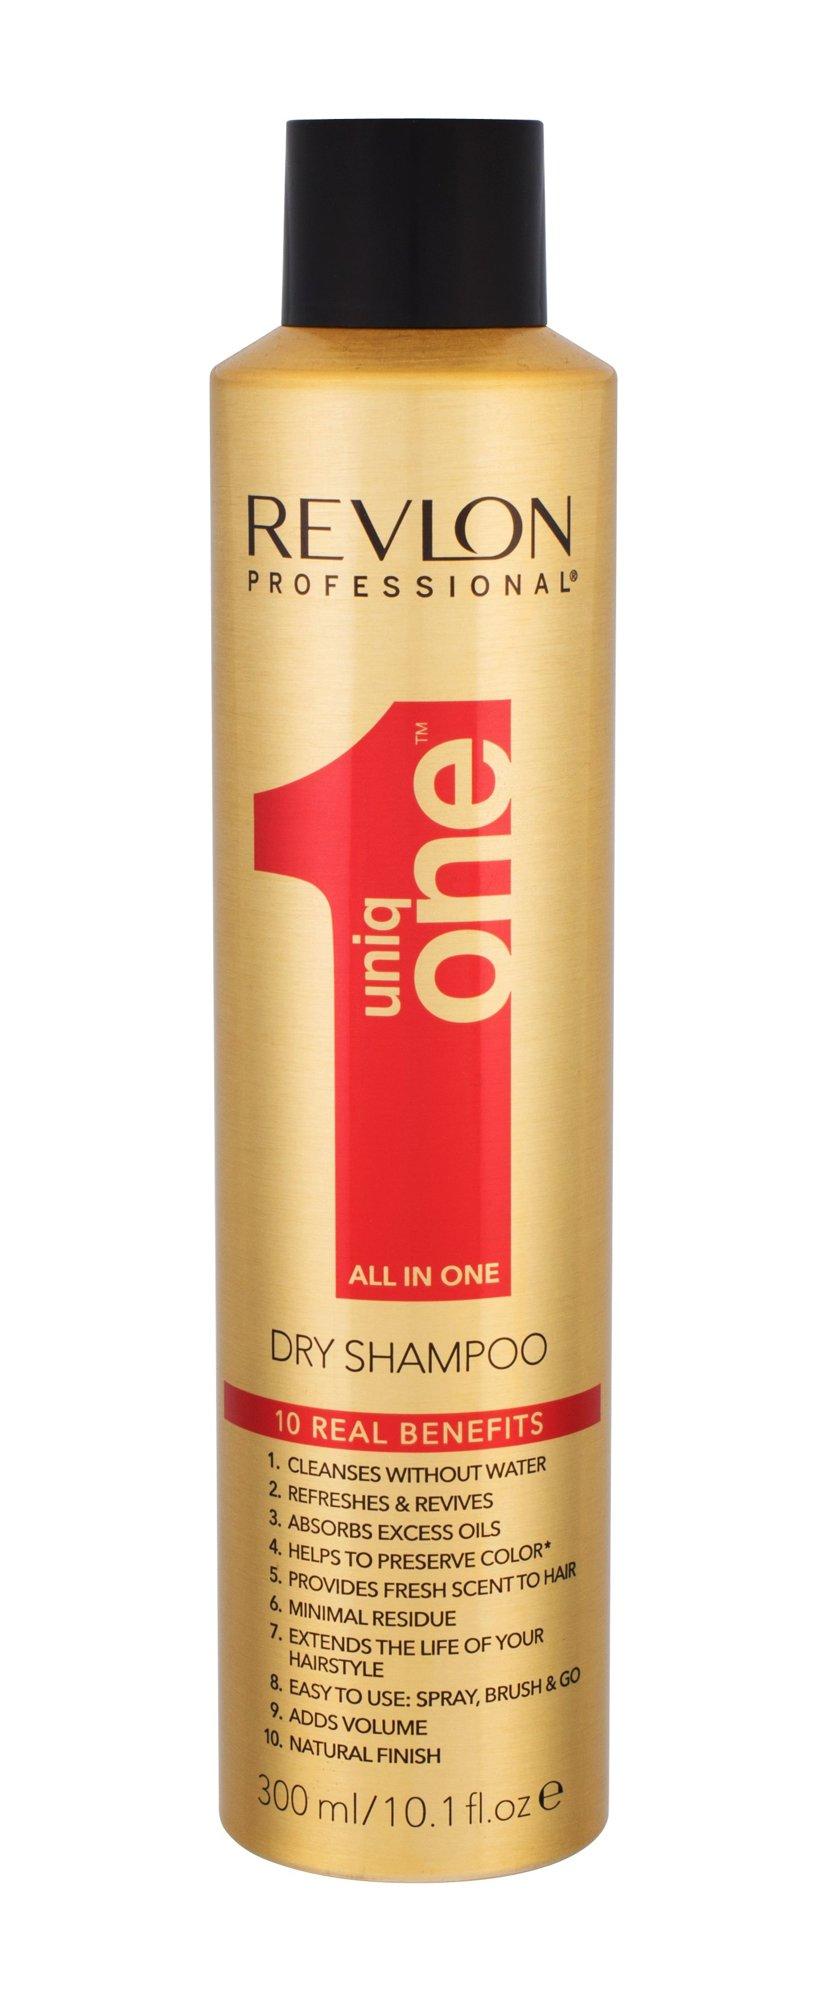 Revlon Professional Uniq One Dry Shampoo Cosmetic 300ml